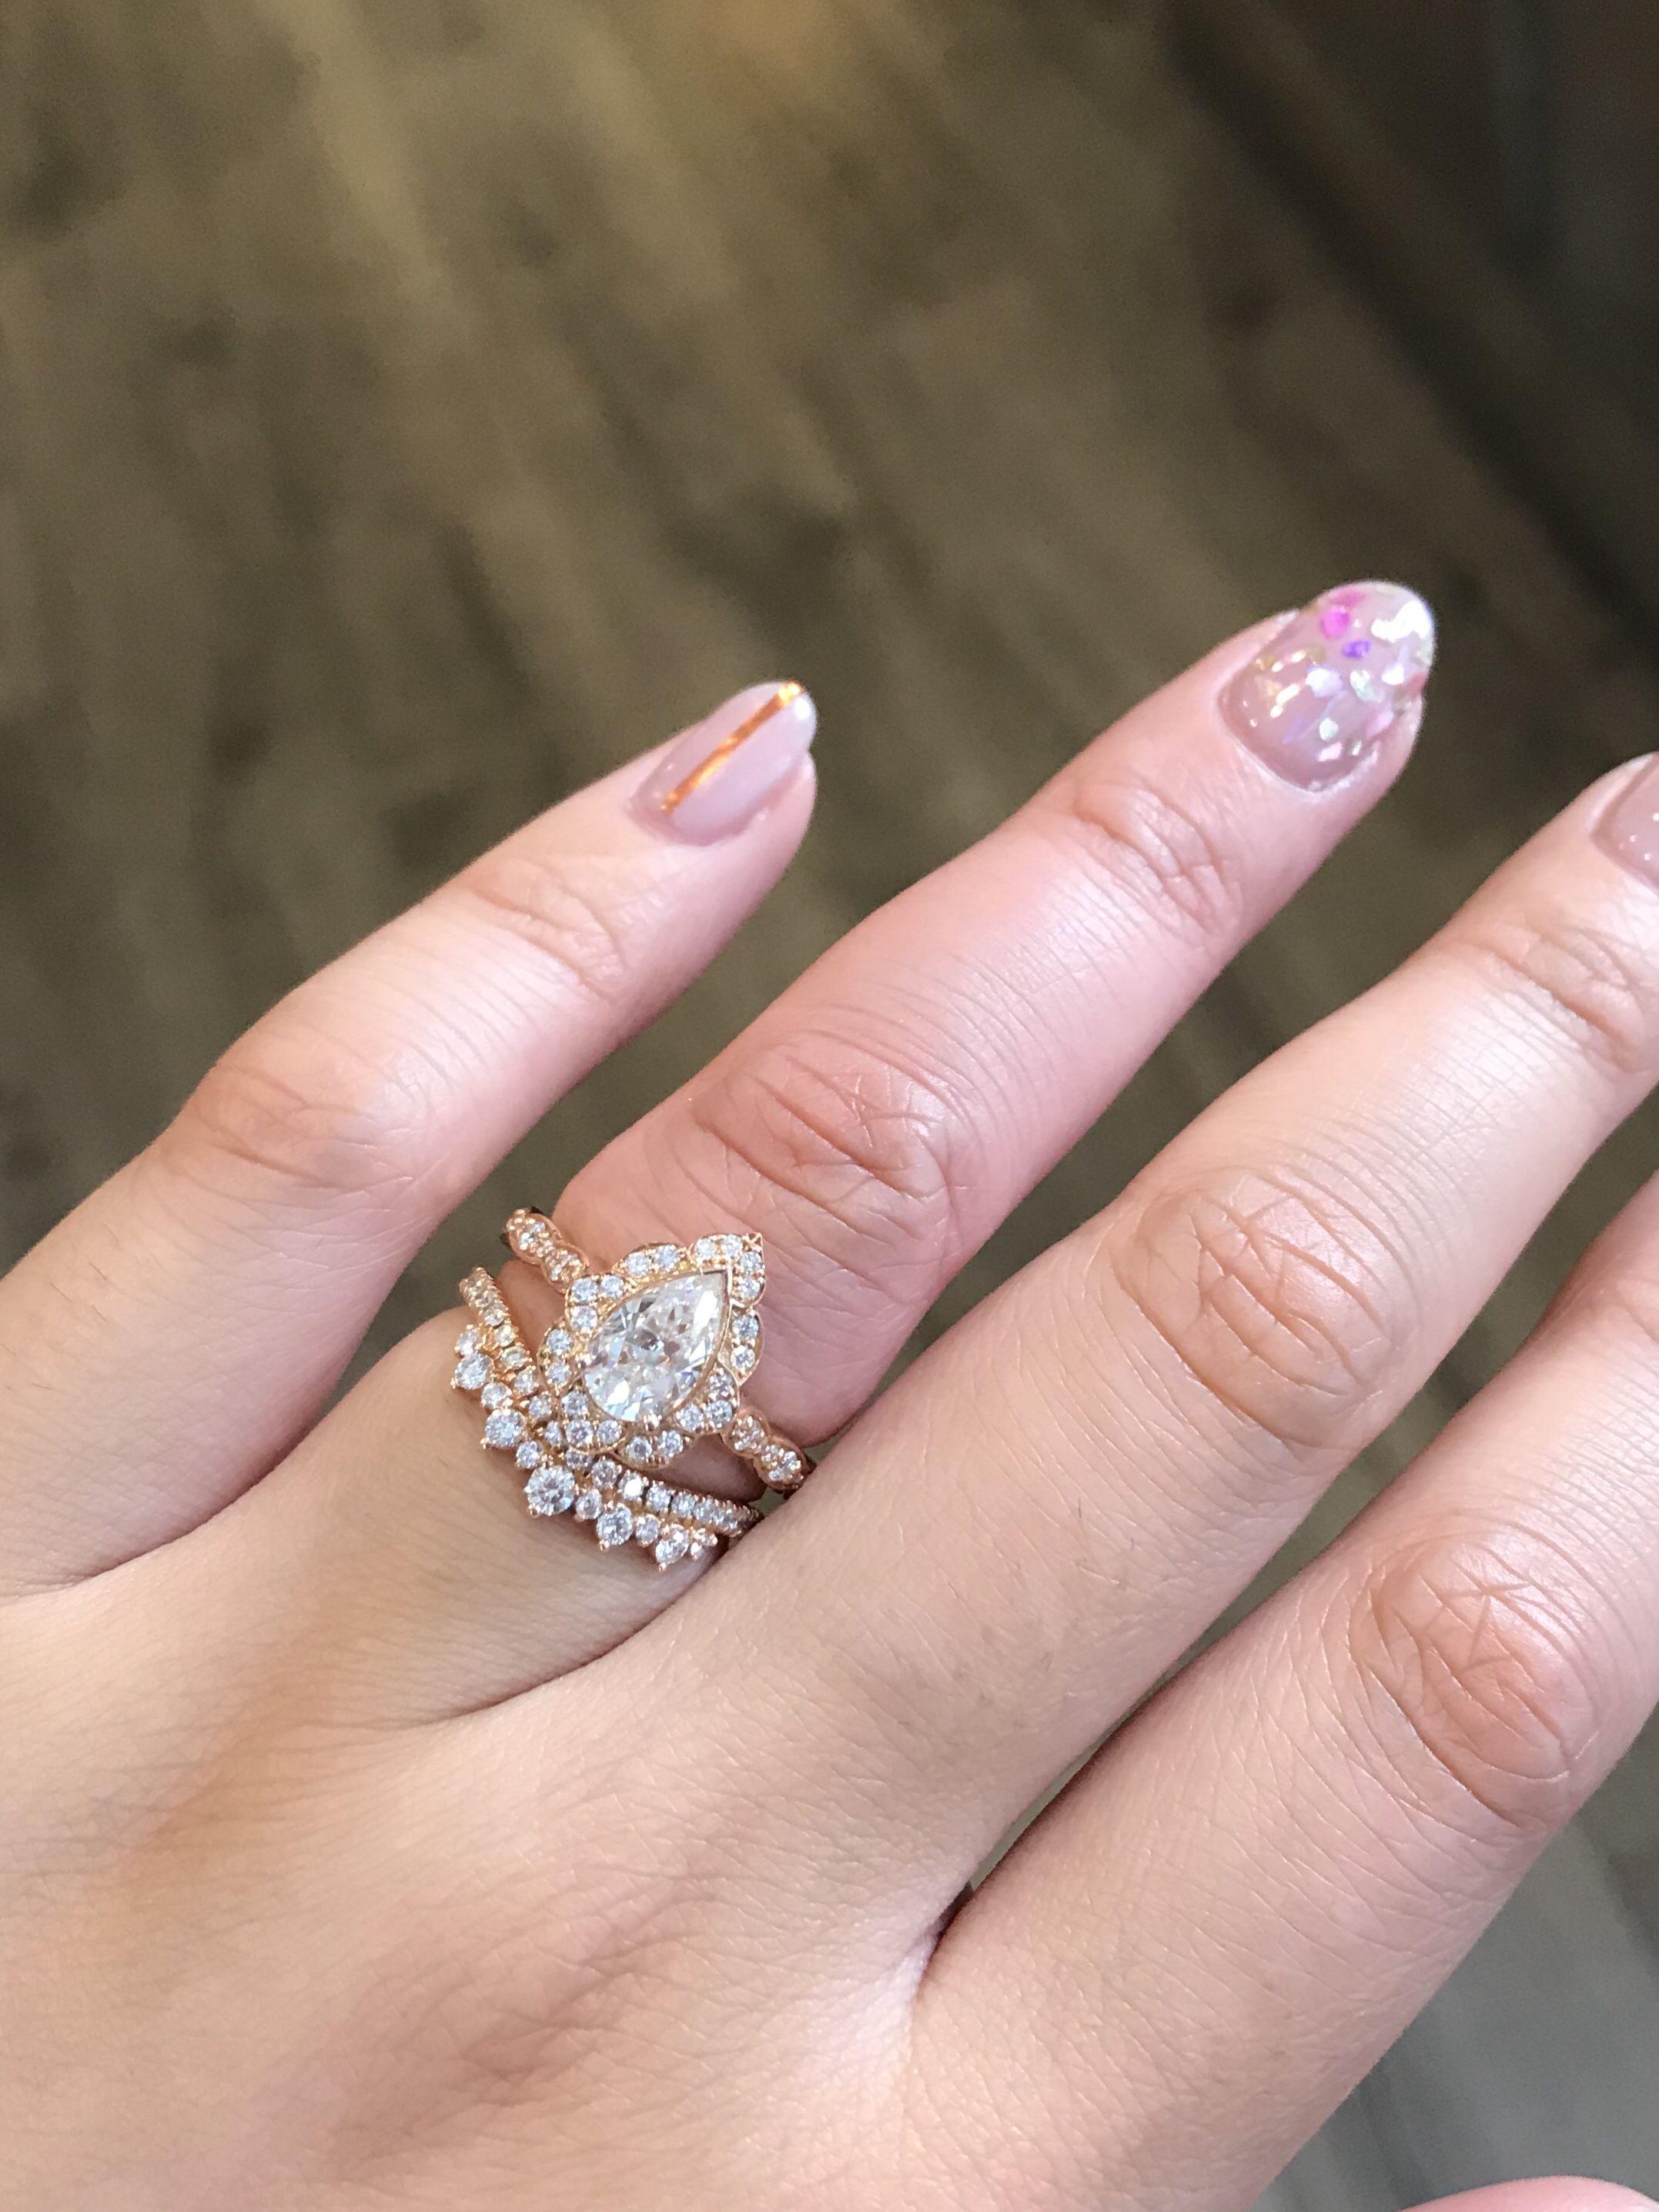 Vintage Floral Pear Moissanite Diamond Ring In Rose Gold Bridal Set Vintage Floral Engagement Rings Pear Engagement Ring Diamond Wedding Bands